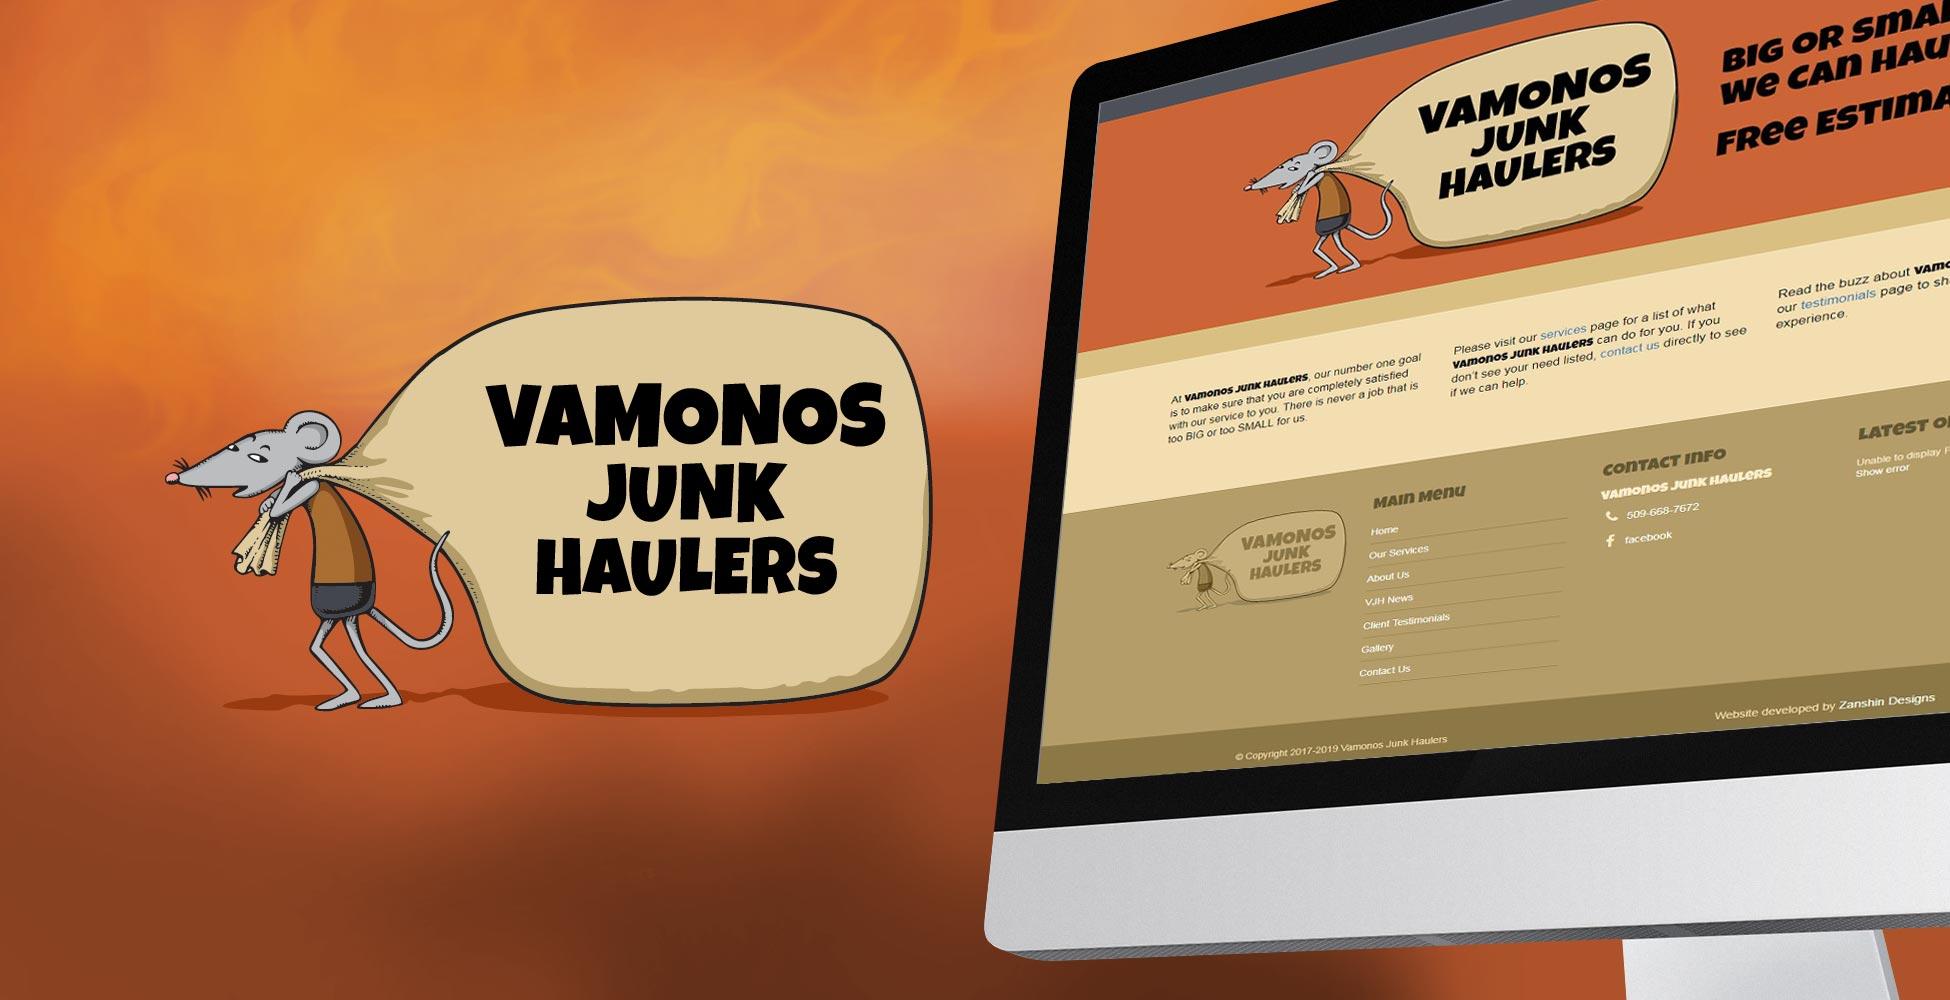 Vamonos Junk Haulers